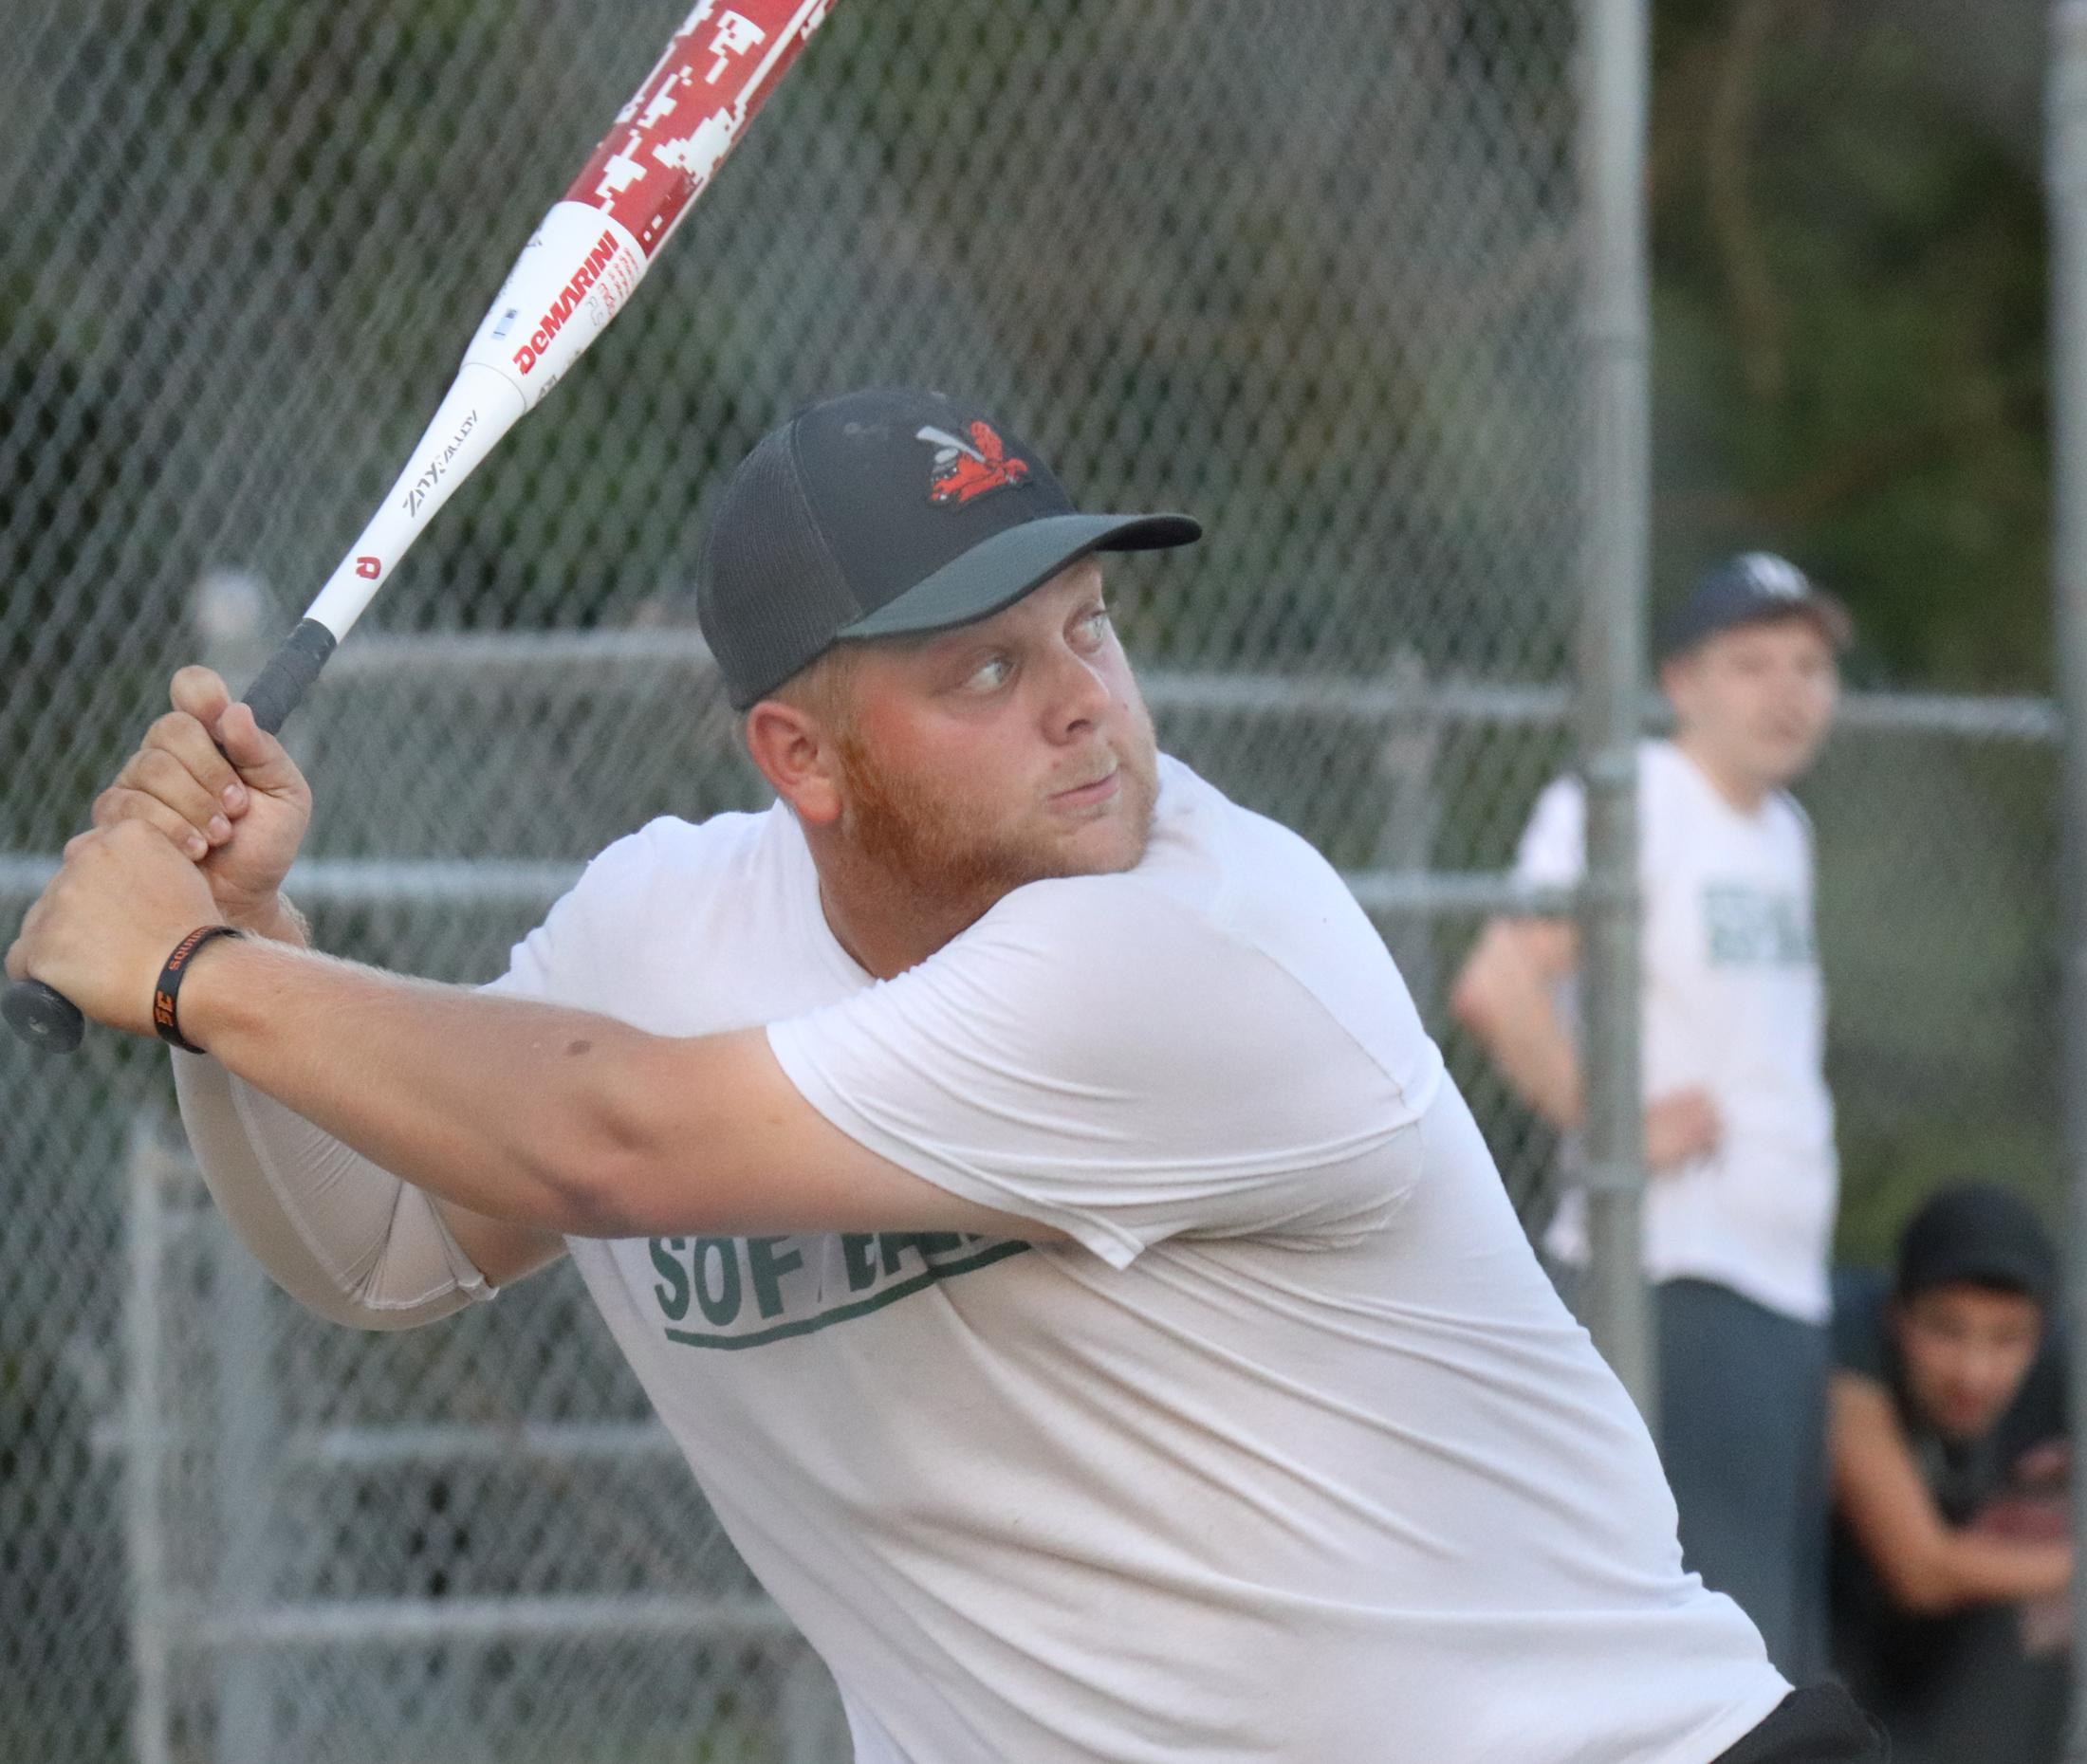 CC Church Softball League to crown champion Aug. 13